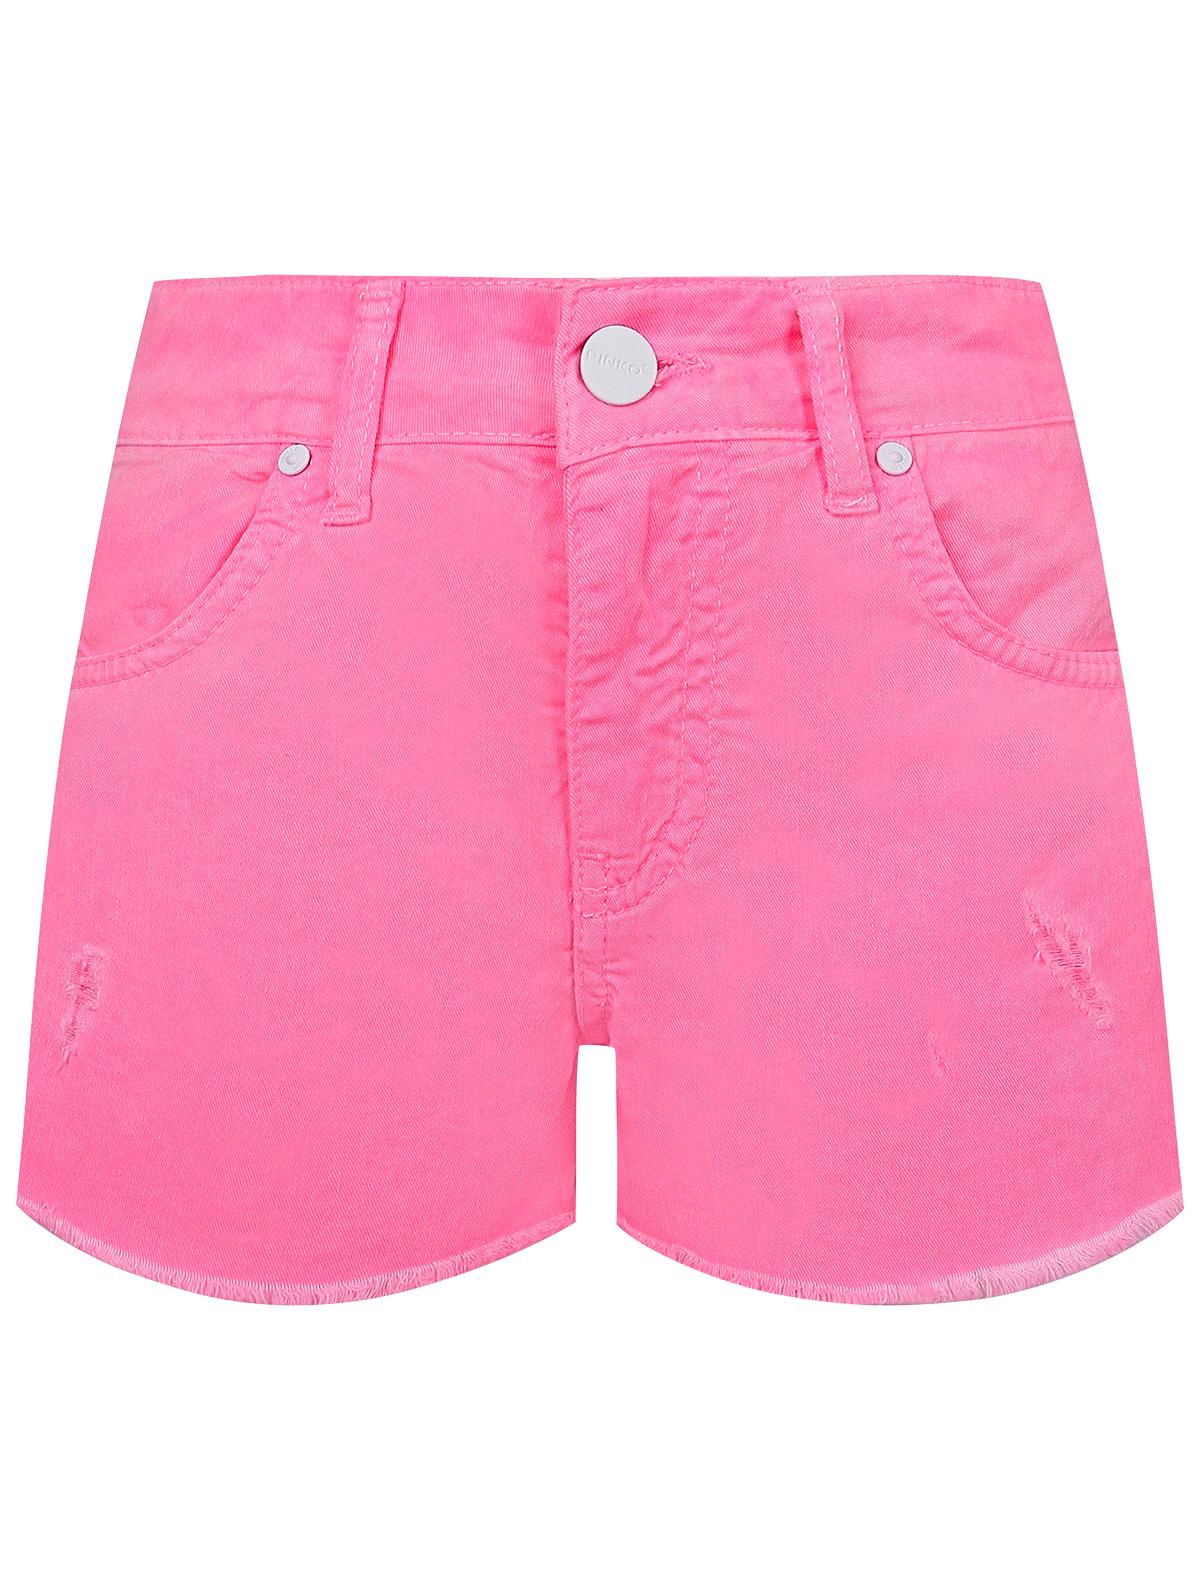 Купить 2167126, Шорты Pinko Up, розовый, Женский, 1414509070218